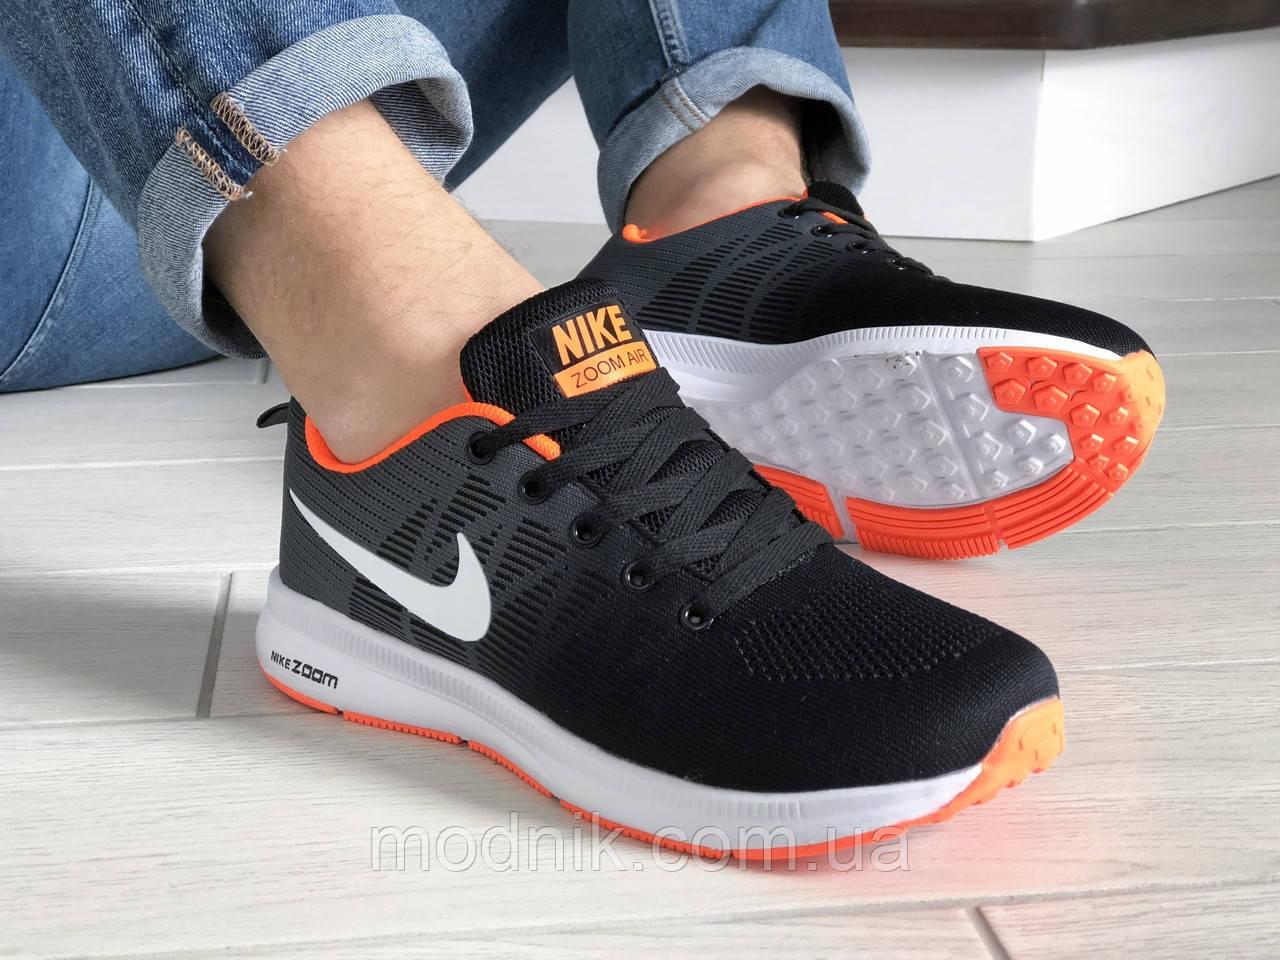 Мужские кроссовки Nike ZOOM (черно-белые с оранжевым) 9247